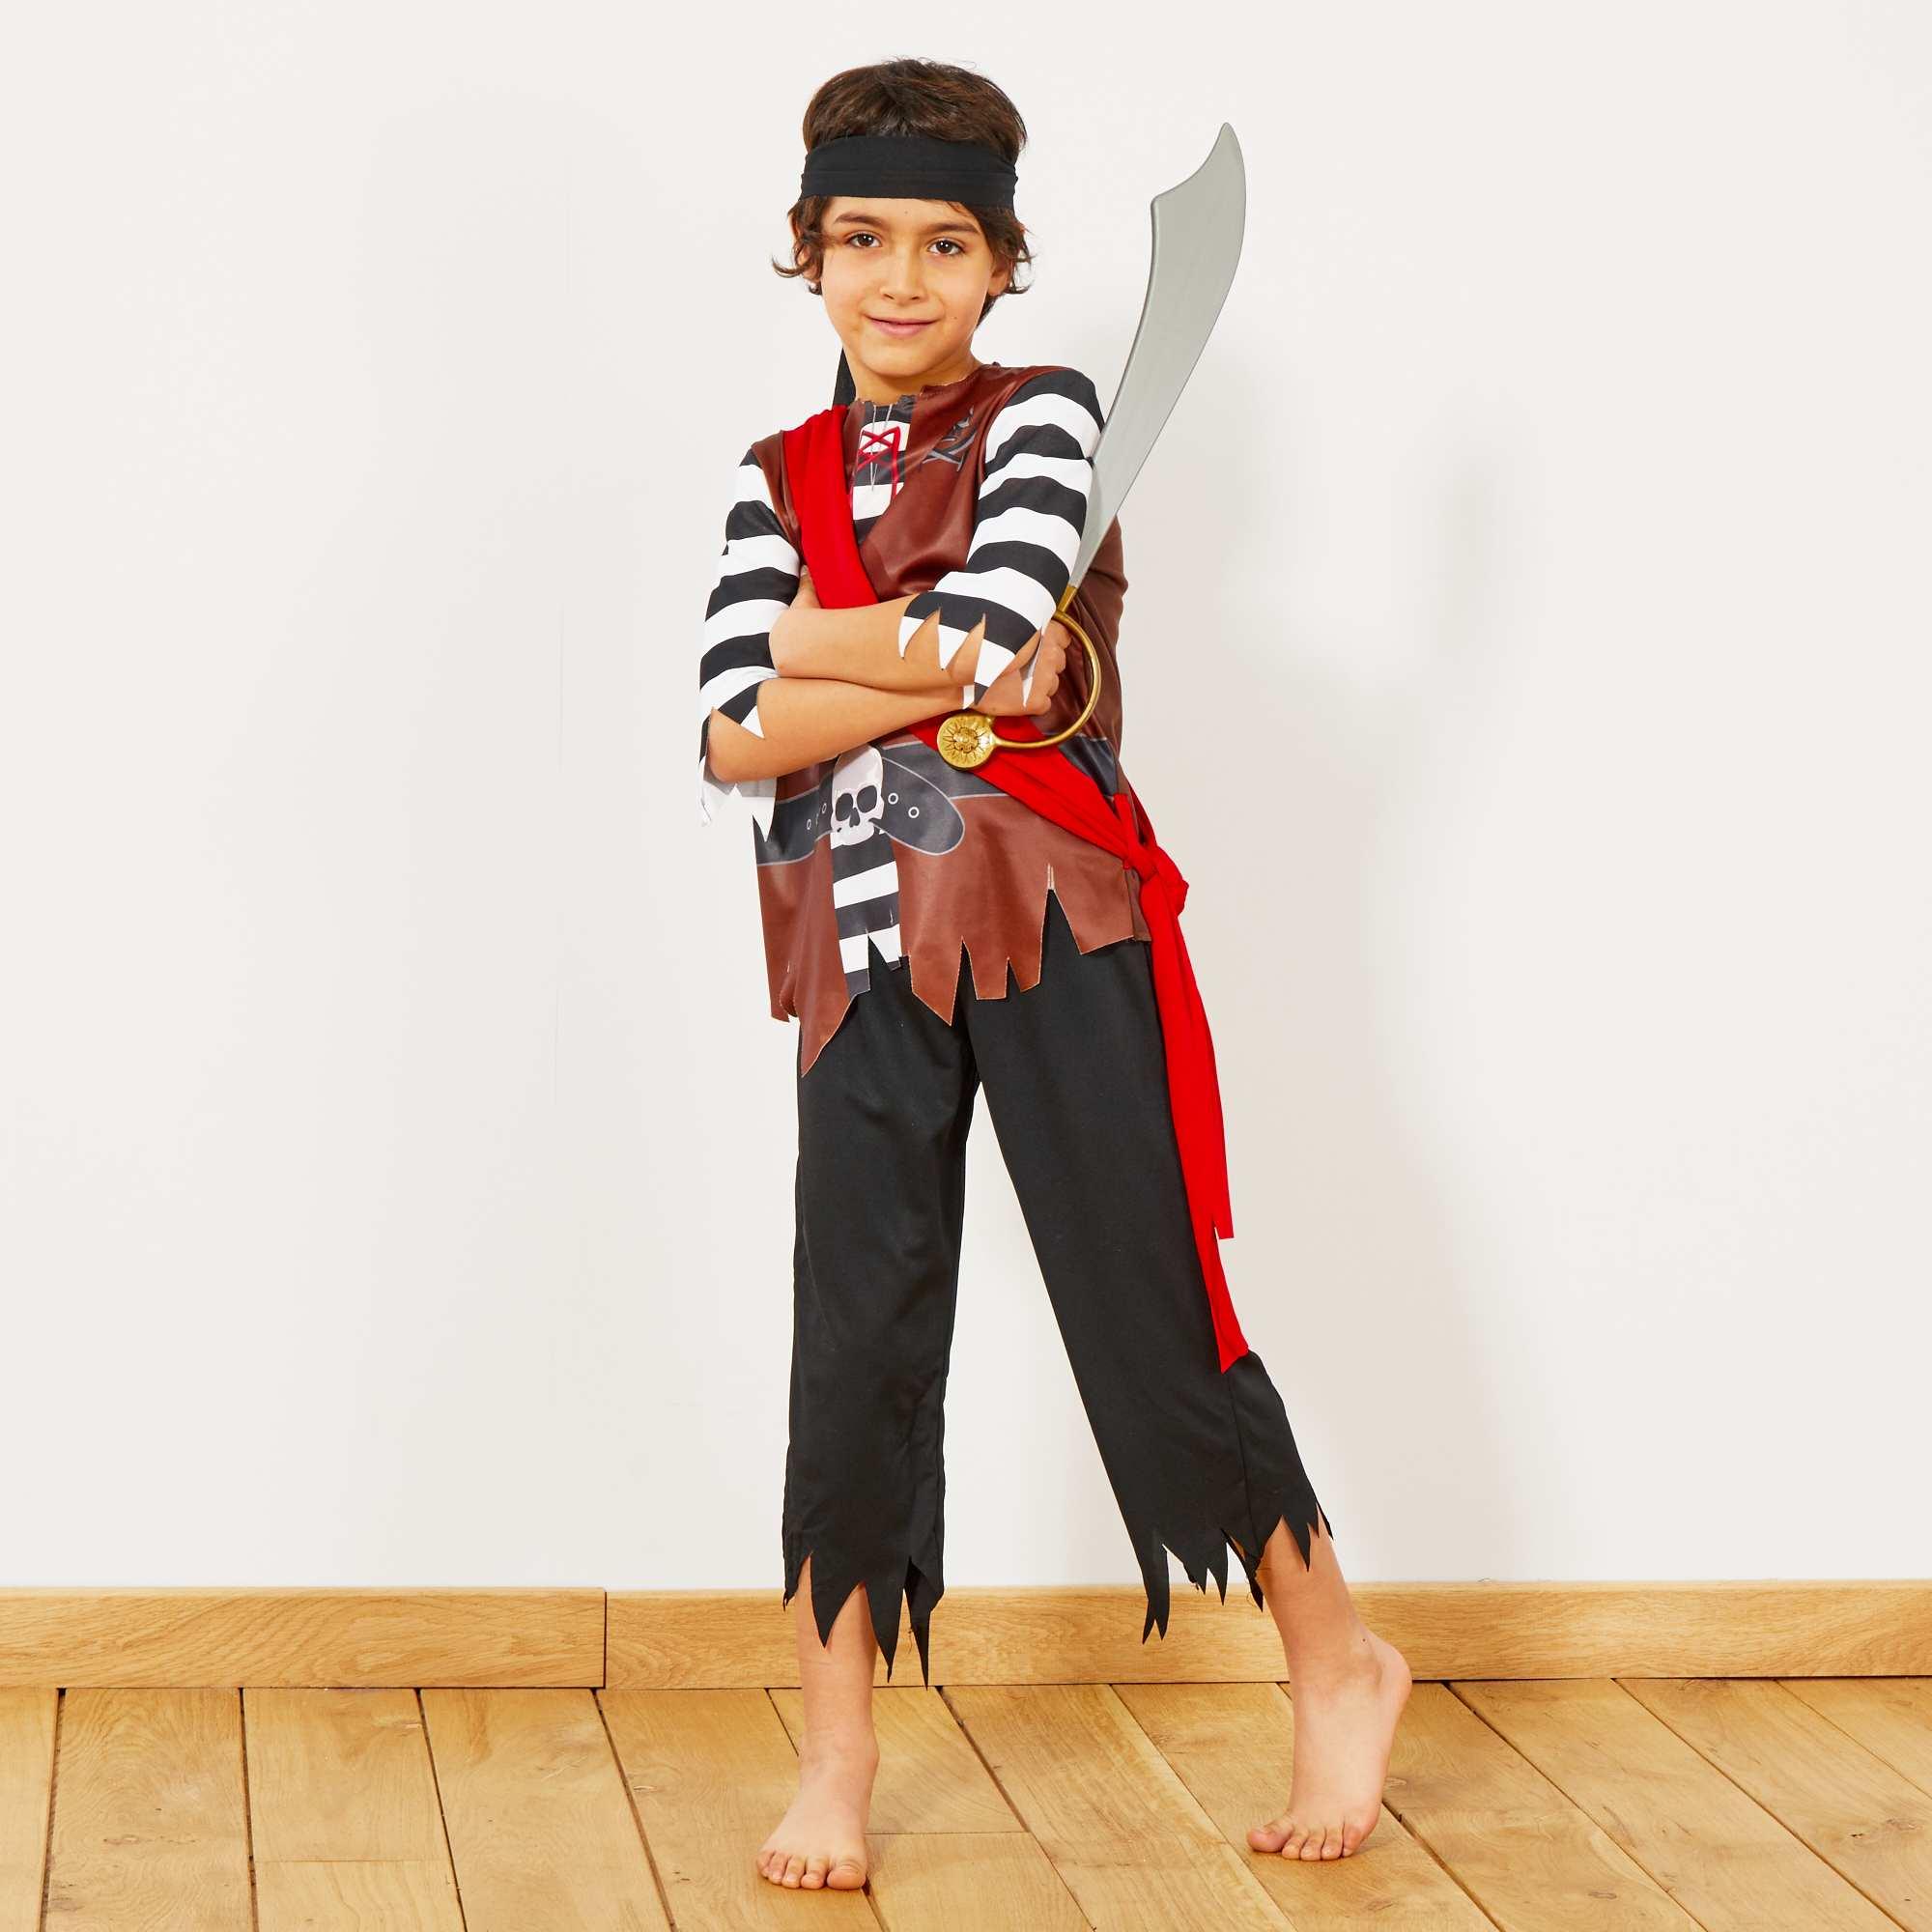 Couleur : noir, , ,, - Taille : 12/14A, 8/10A, 4/6A,,Les trésors et l'aventure l'attendent avec ce déguisement de pirate. - Comprend 1